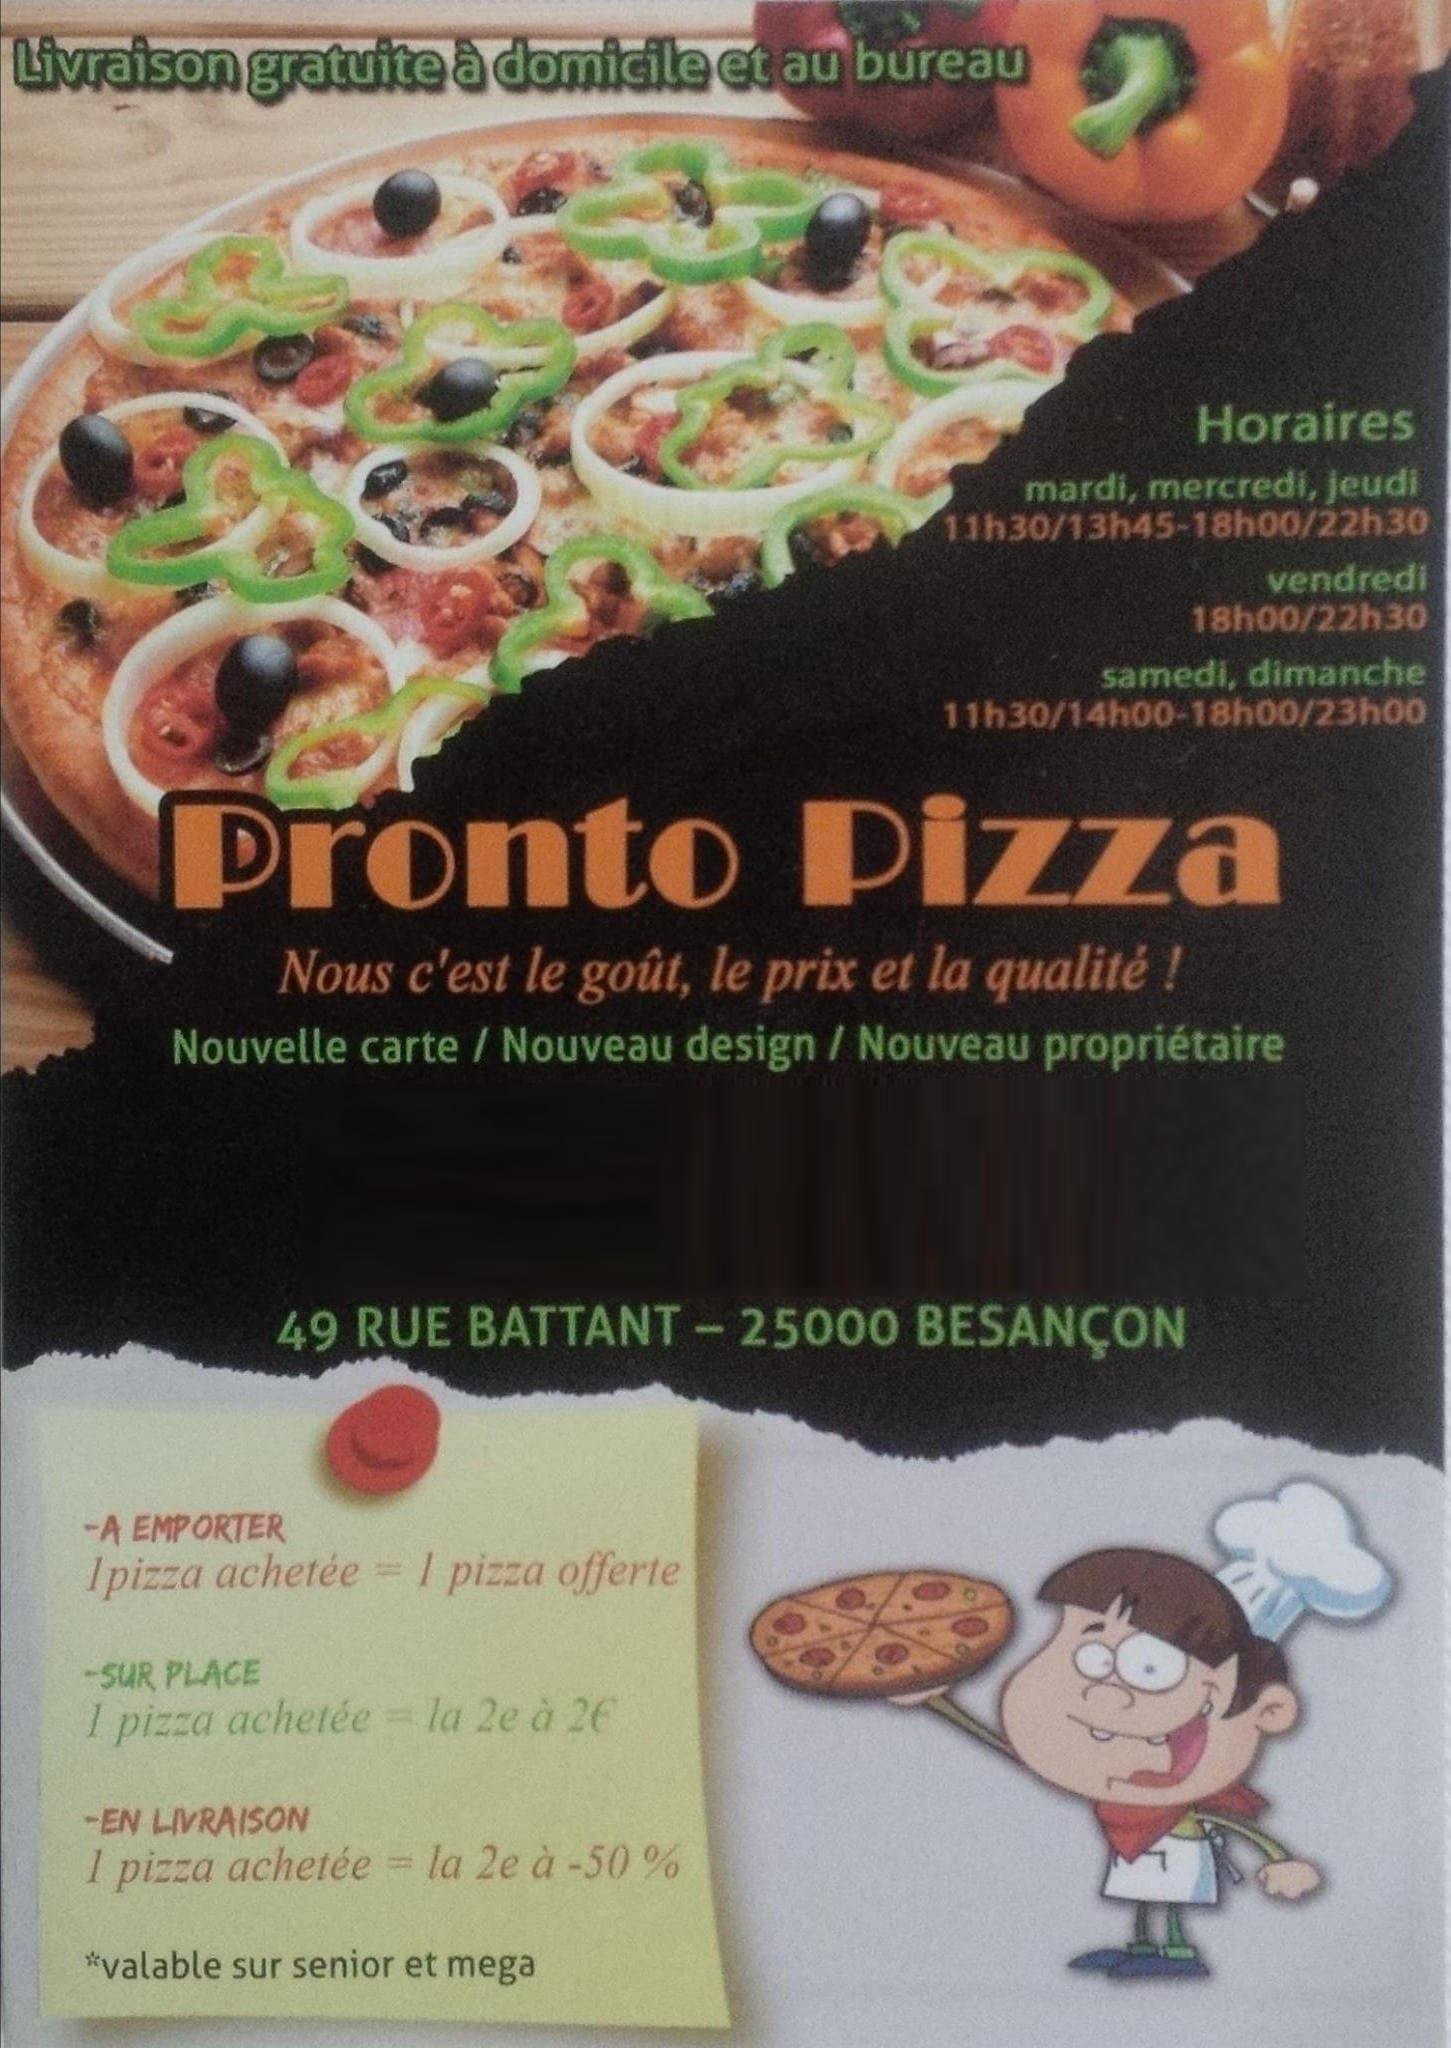 Pronto Pizza à Besancon, carte-menu et photos